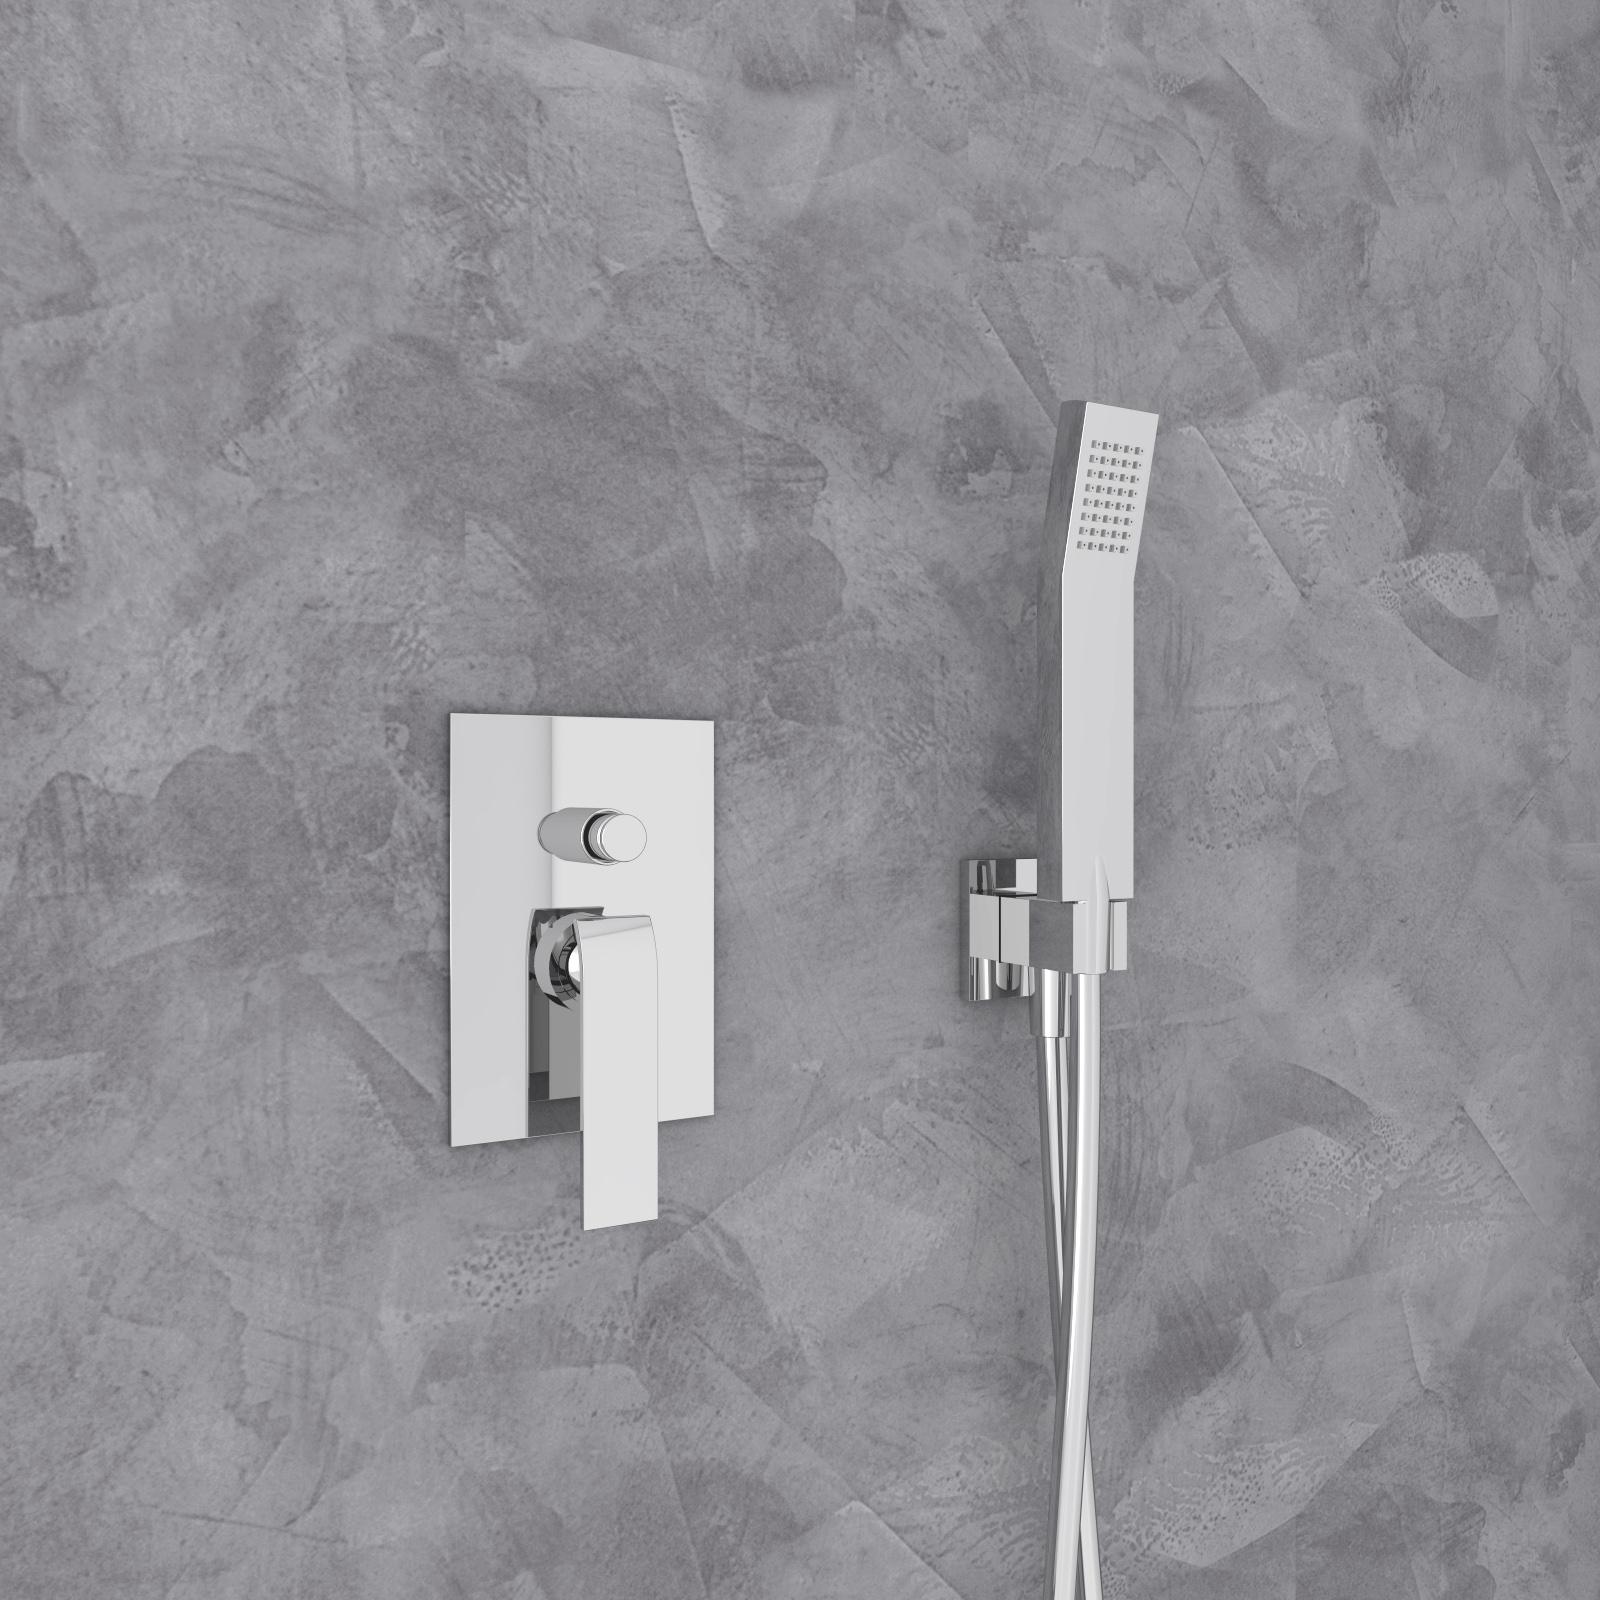 dusch set 850 hebel unterputz mit eingebautem duschkopf aus edelstahl 330x480mm und handbrause. Black Bedroom Furniture Sets. Home Design Ideas